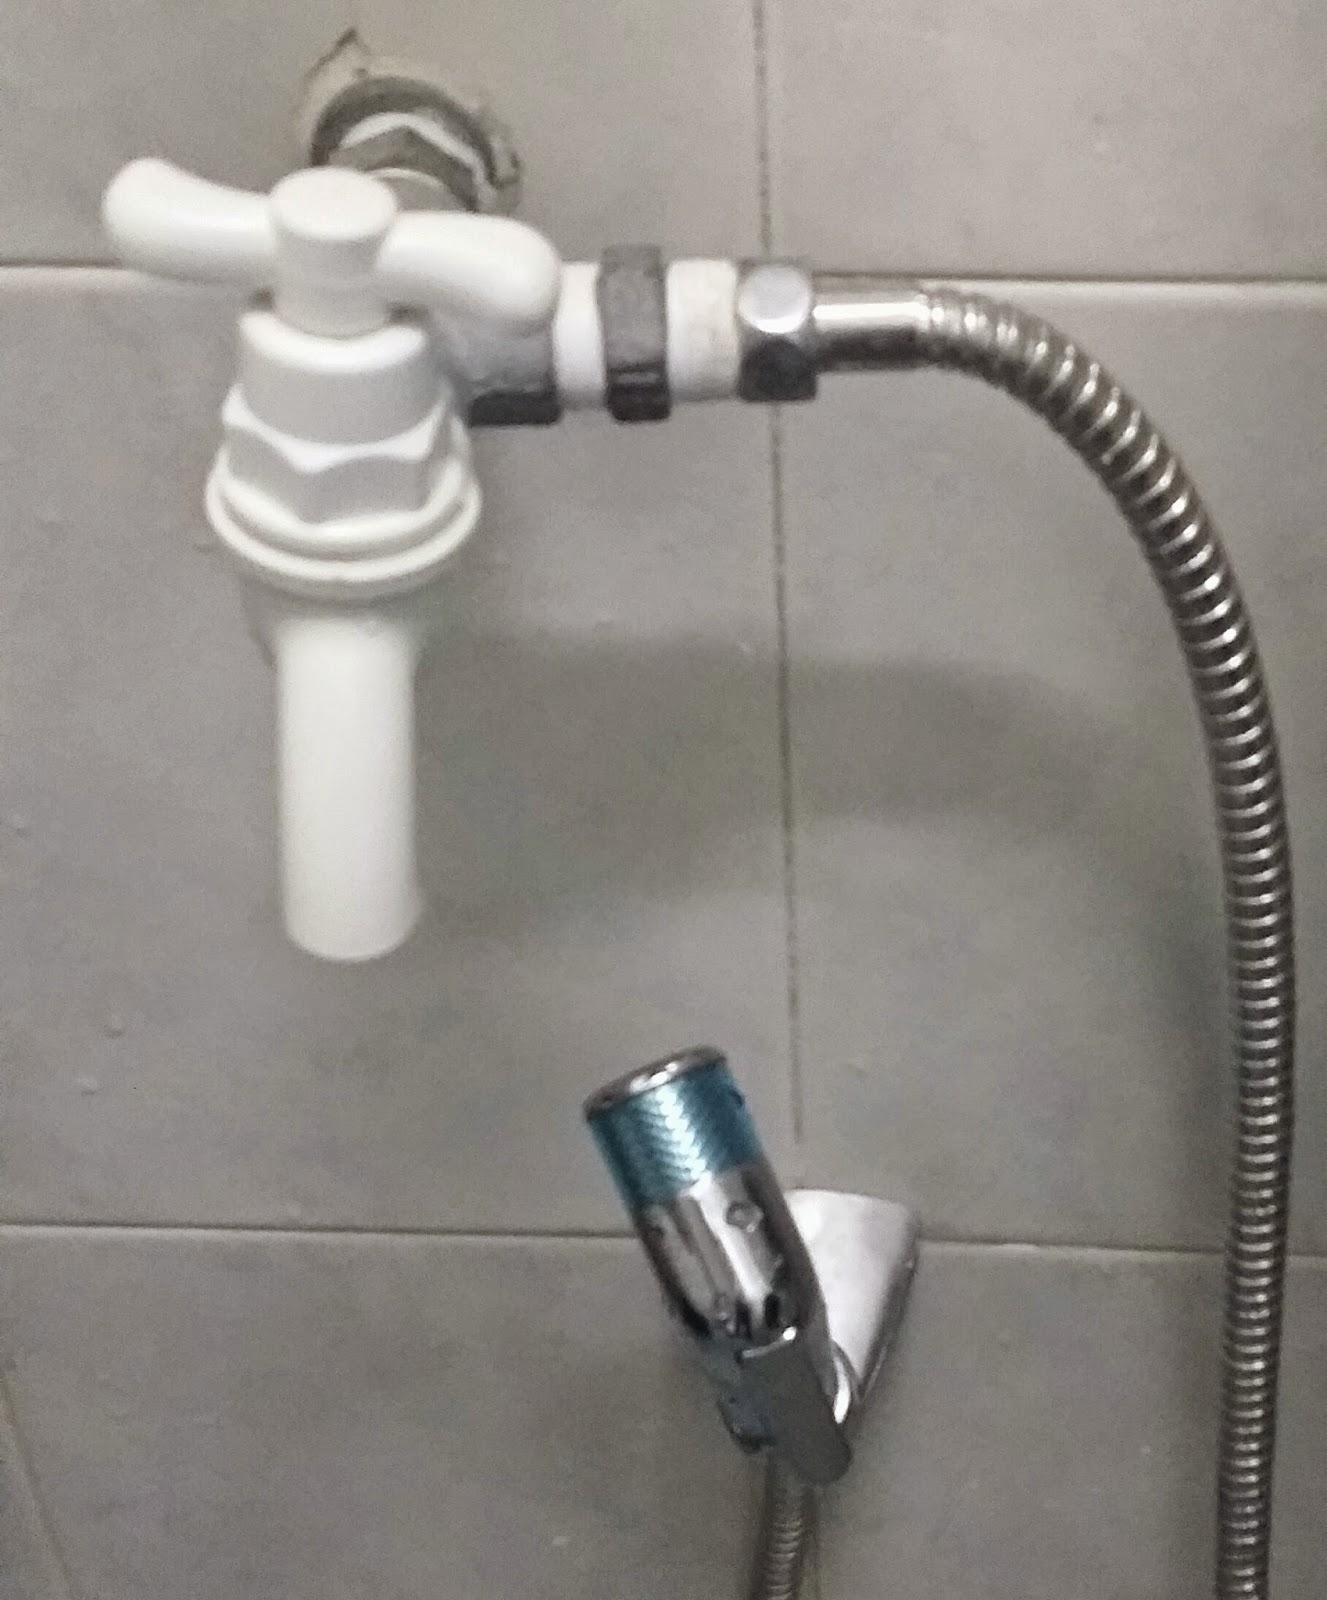 2017 Ada Kontraktor Datang To Check Leaking From The Bathroom In Master Bedroom Wei Orang Suruh Bukannya Pi Cabut Kepala Paip